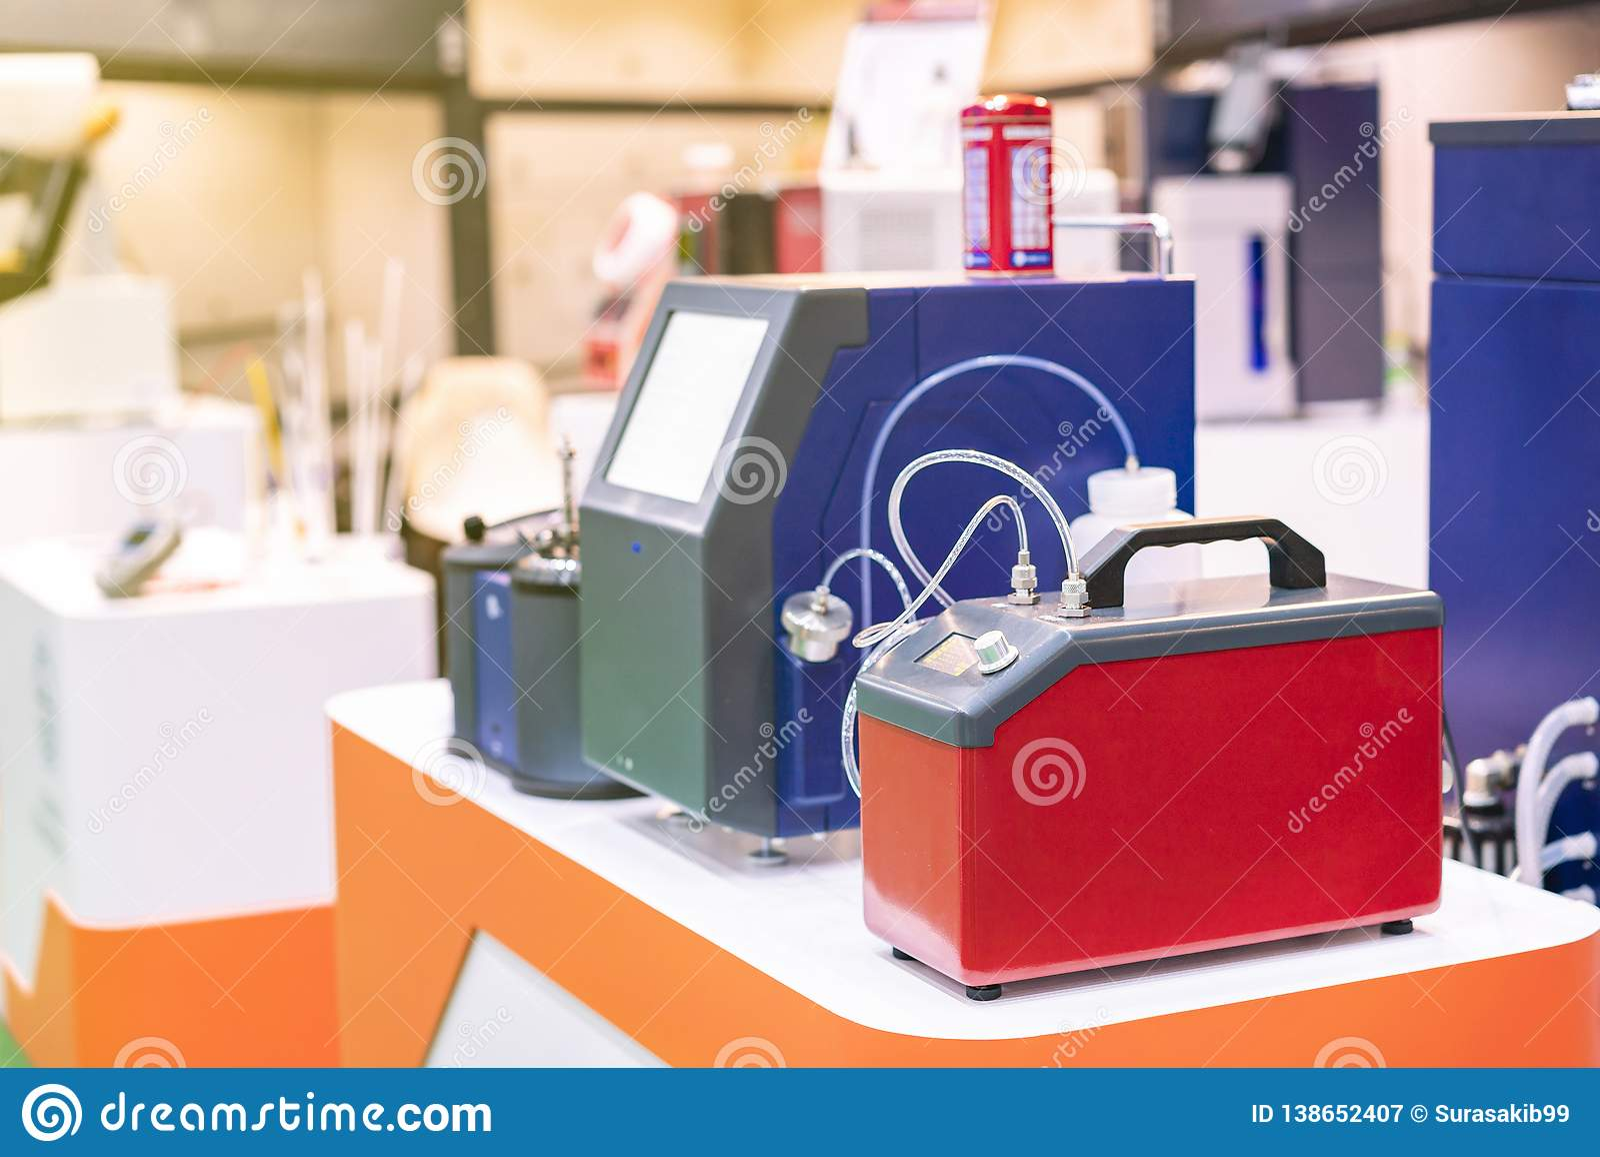 燃料润滑剂液体&空气样品设备分析测试器的高技术和自动迅速微粒计数ro含量